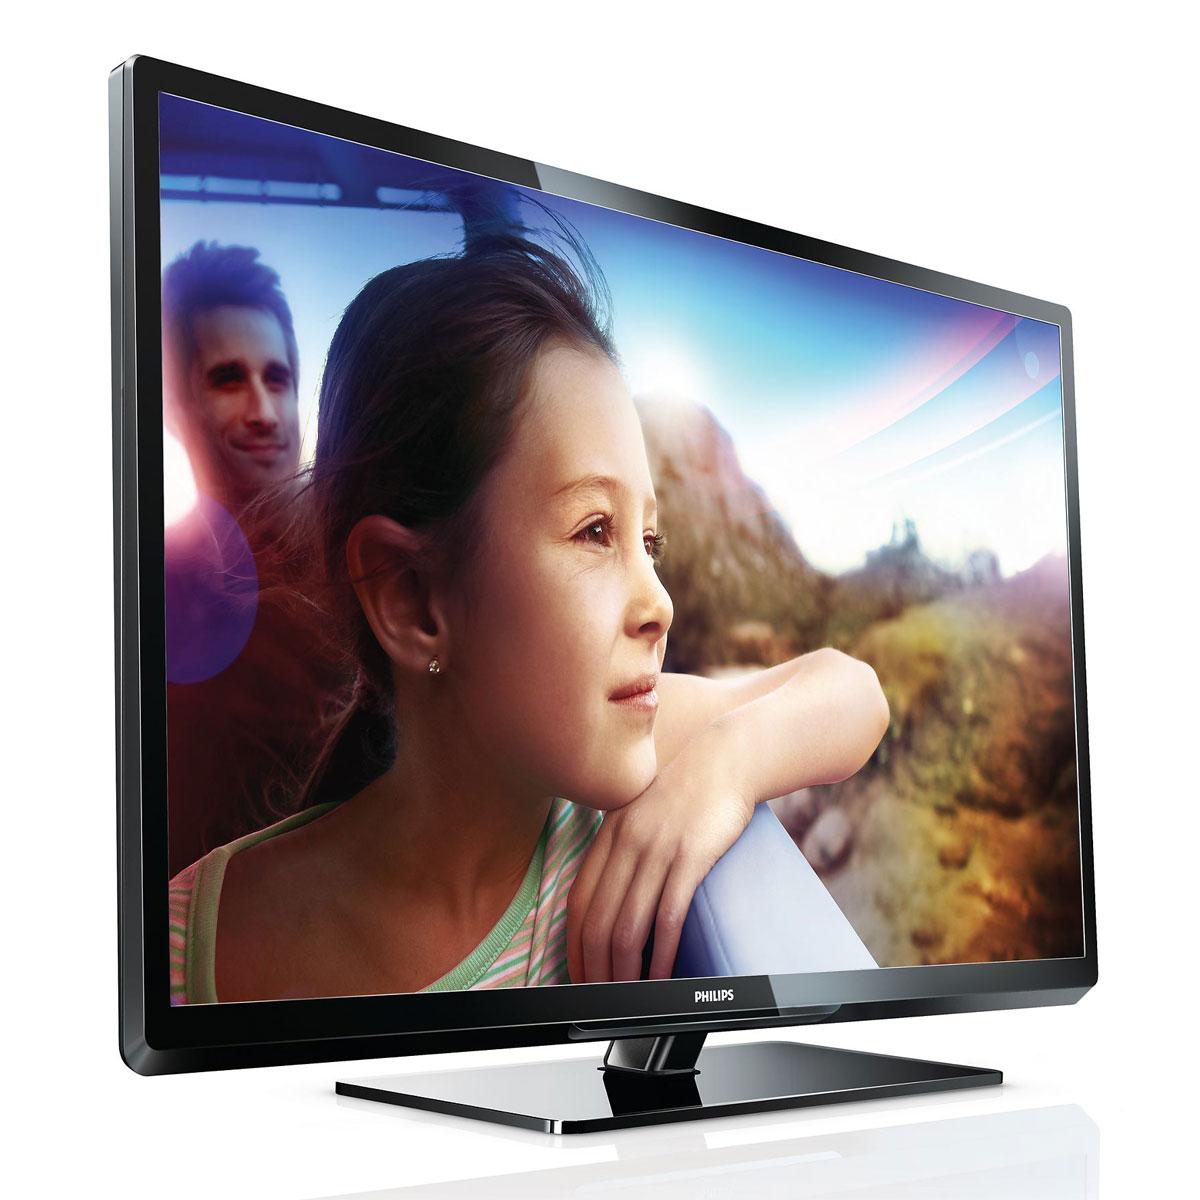 """TV Philips 32PFL3107H Téléviseur LED 32"""" (81 cm) 16/9 - 1366 x 768 pixels - 100Hz - TNT & Câble HD - DLNA - HDTV"""